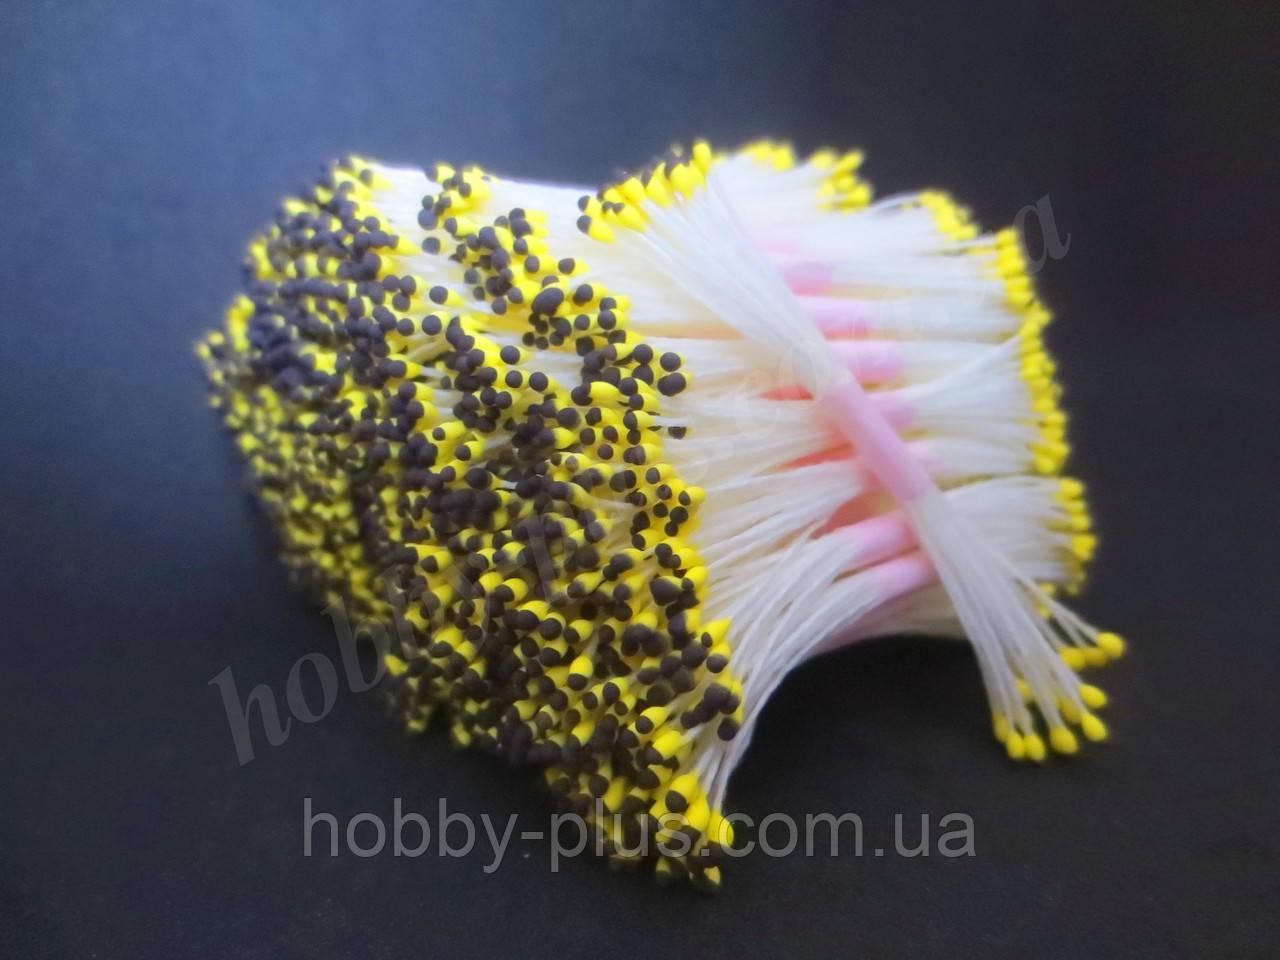 Тайские тычинки, ЧЕРНО-ЖЕЛТЫЕ, мелкие на белой нити, 23-25 нитей, 50 головок